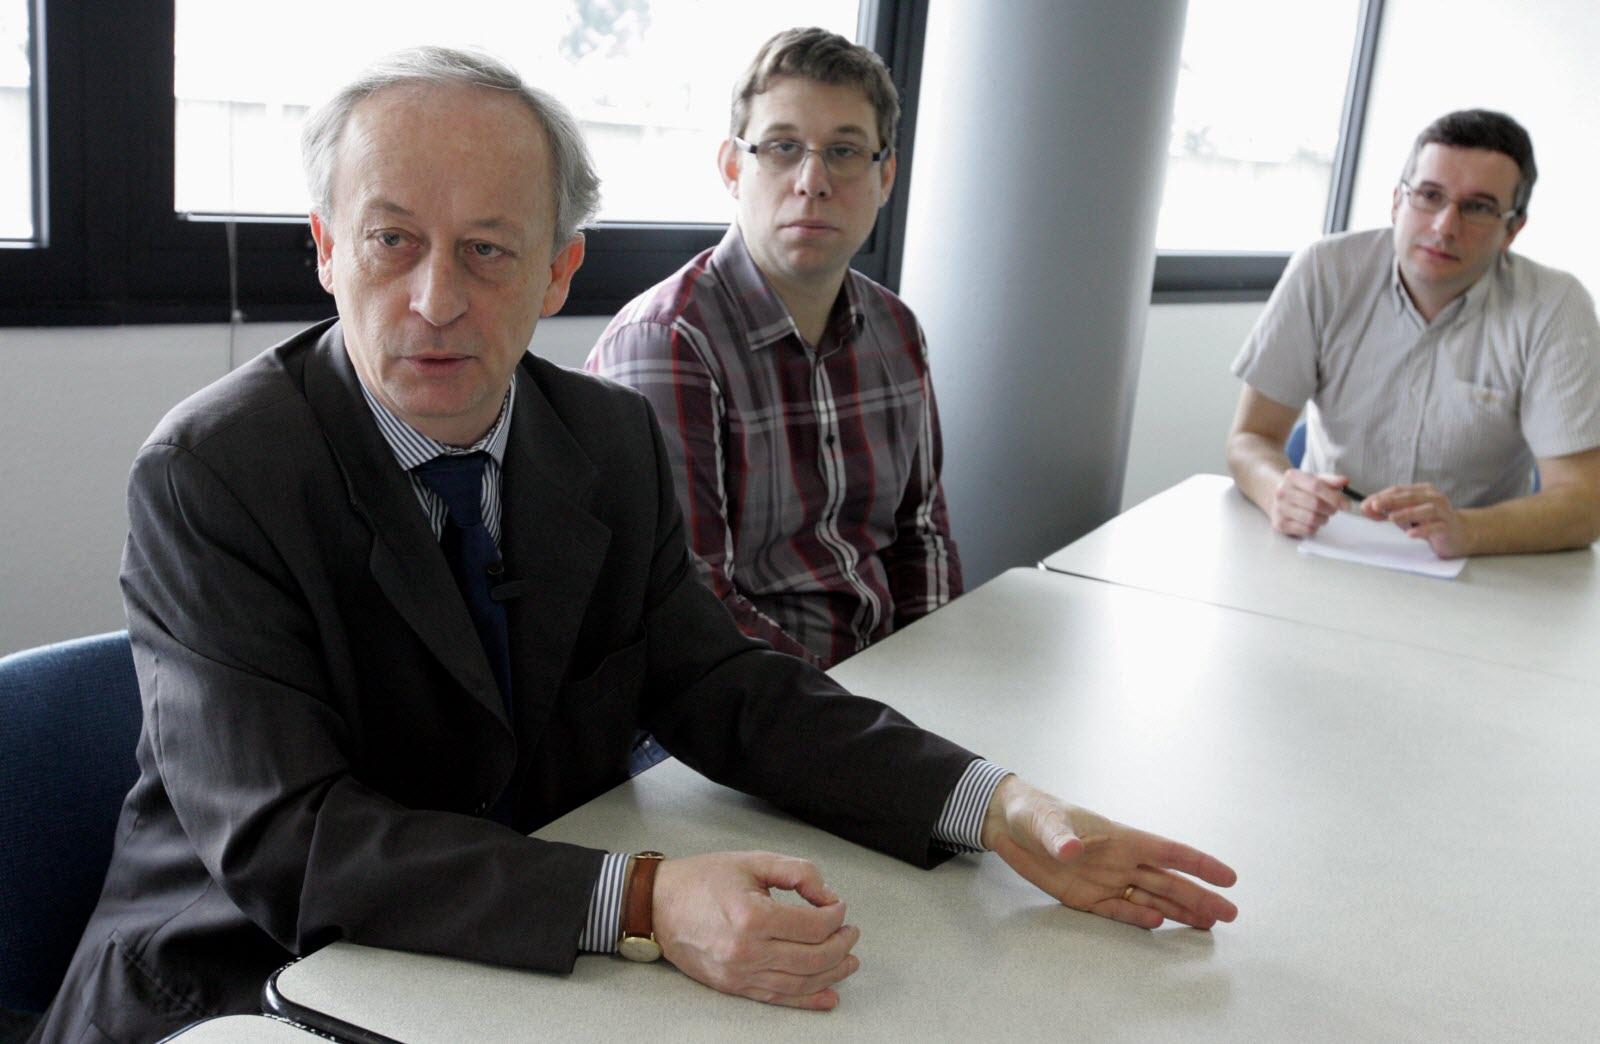 Société | Doubs : Un Jeu En Ligne Pour Aider Les Illettrés dedans Jeu En Ligne Pour Adulte